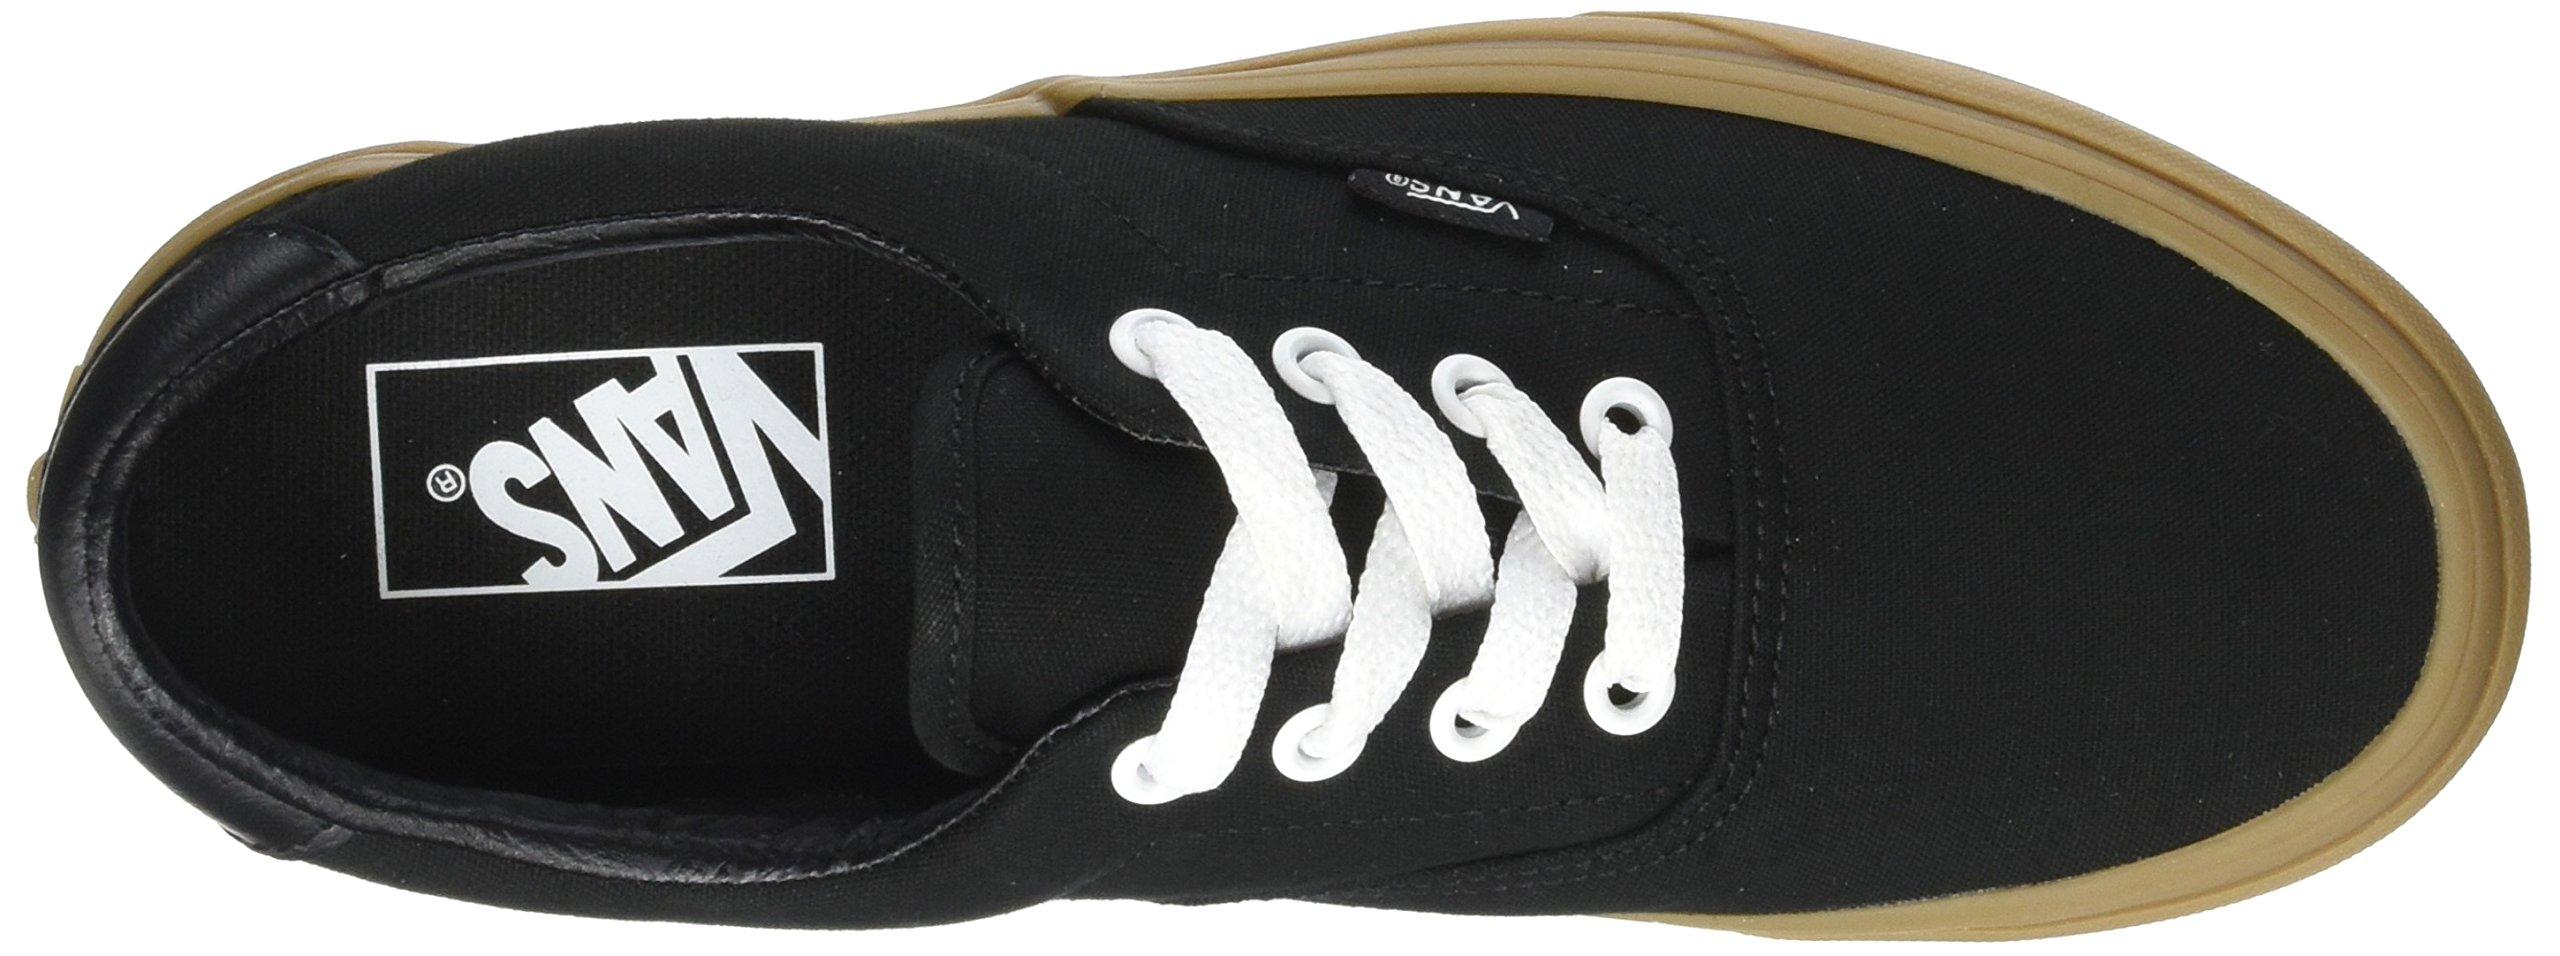 Vans Unisex Adults' Era 59 Canvas Gum Trainers, Black (Canvas Gum/Black/Light Gum), 10.5 UK 45 EU by Vans (Image #7)